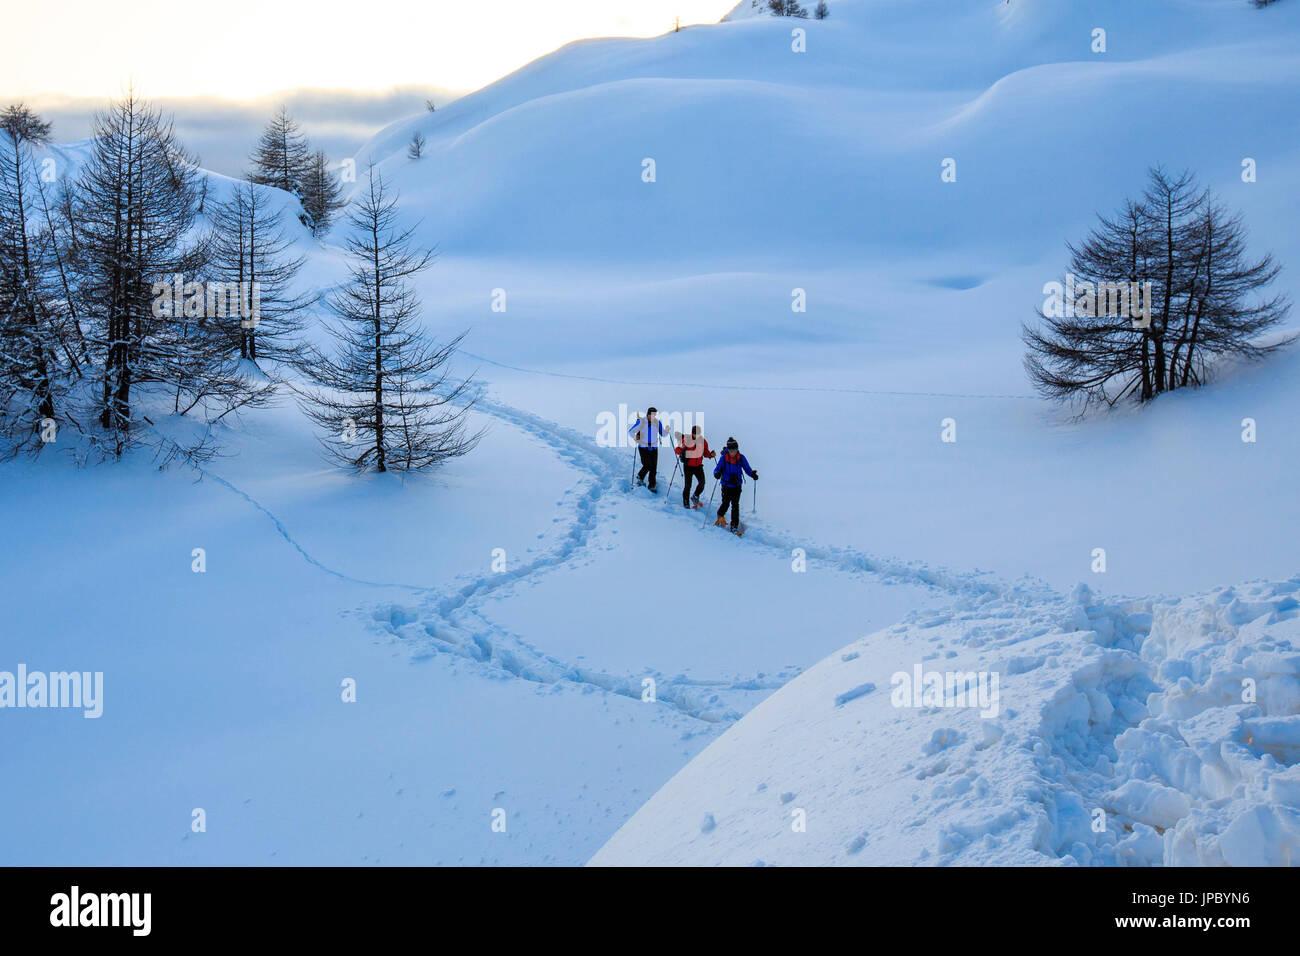 Escursioni con le racchette da neve anticipo in neve fresca in Engadina. Il Cantone dei Grigioni. La Svizzera. Europa Immagini Stock